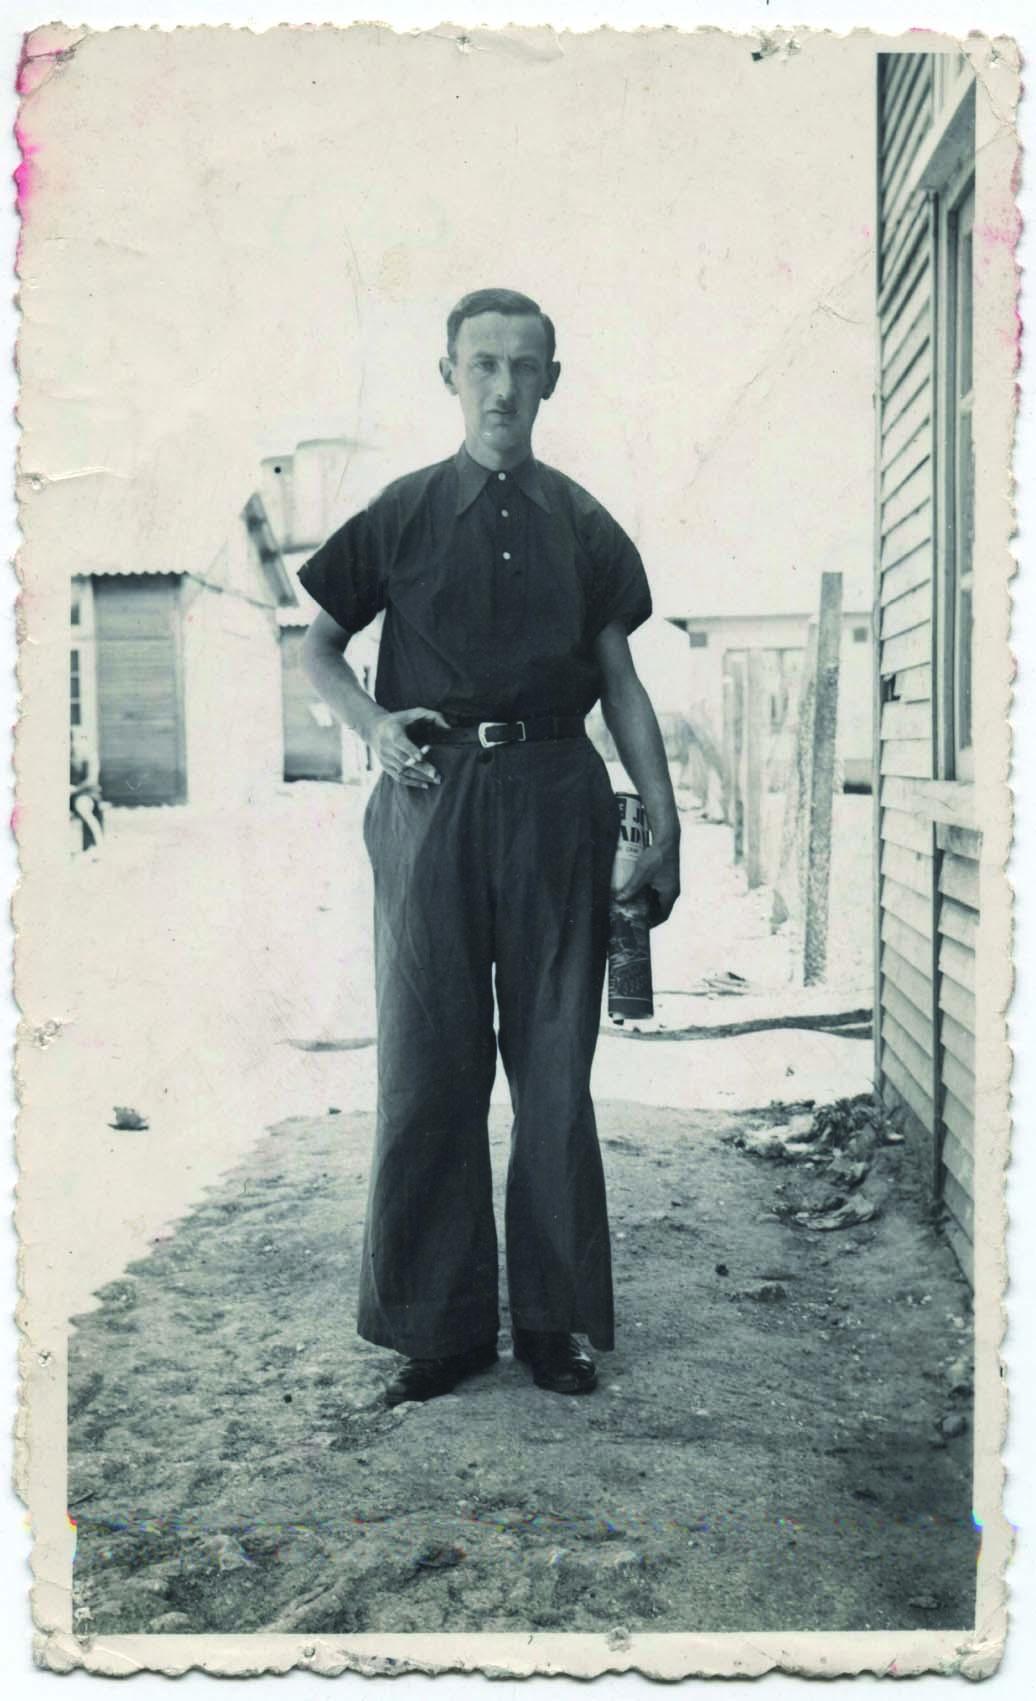 Nuta Szister au camp de Beaune-la-Rolande (entre mai 1941 et juin 1942, sd). Archives Jacqueline Bismuth-Szister / TDR Cercil